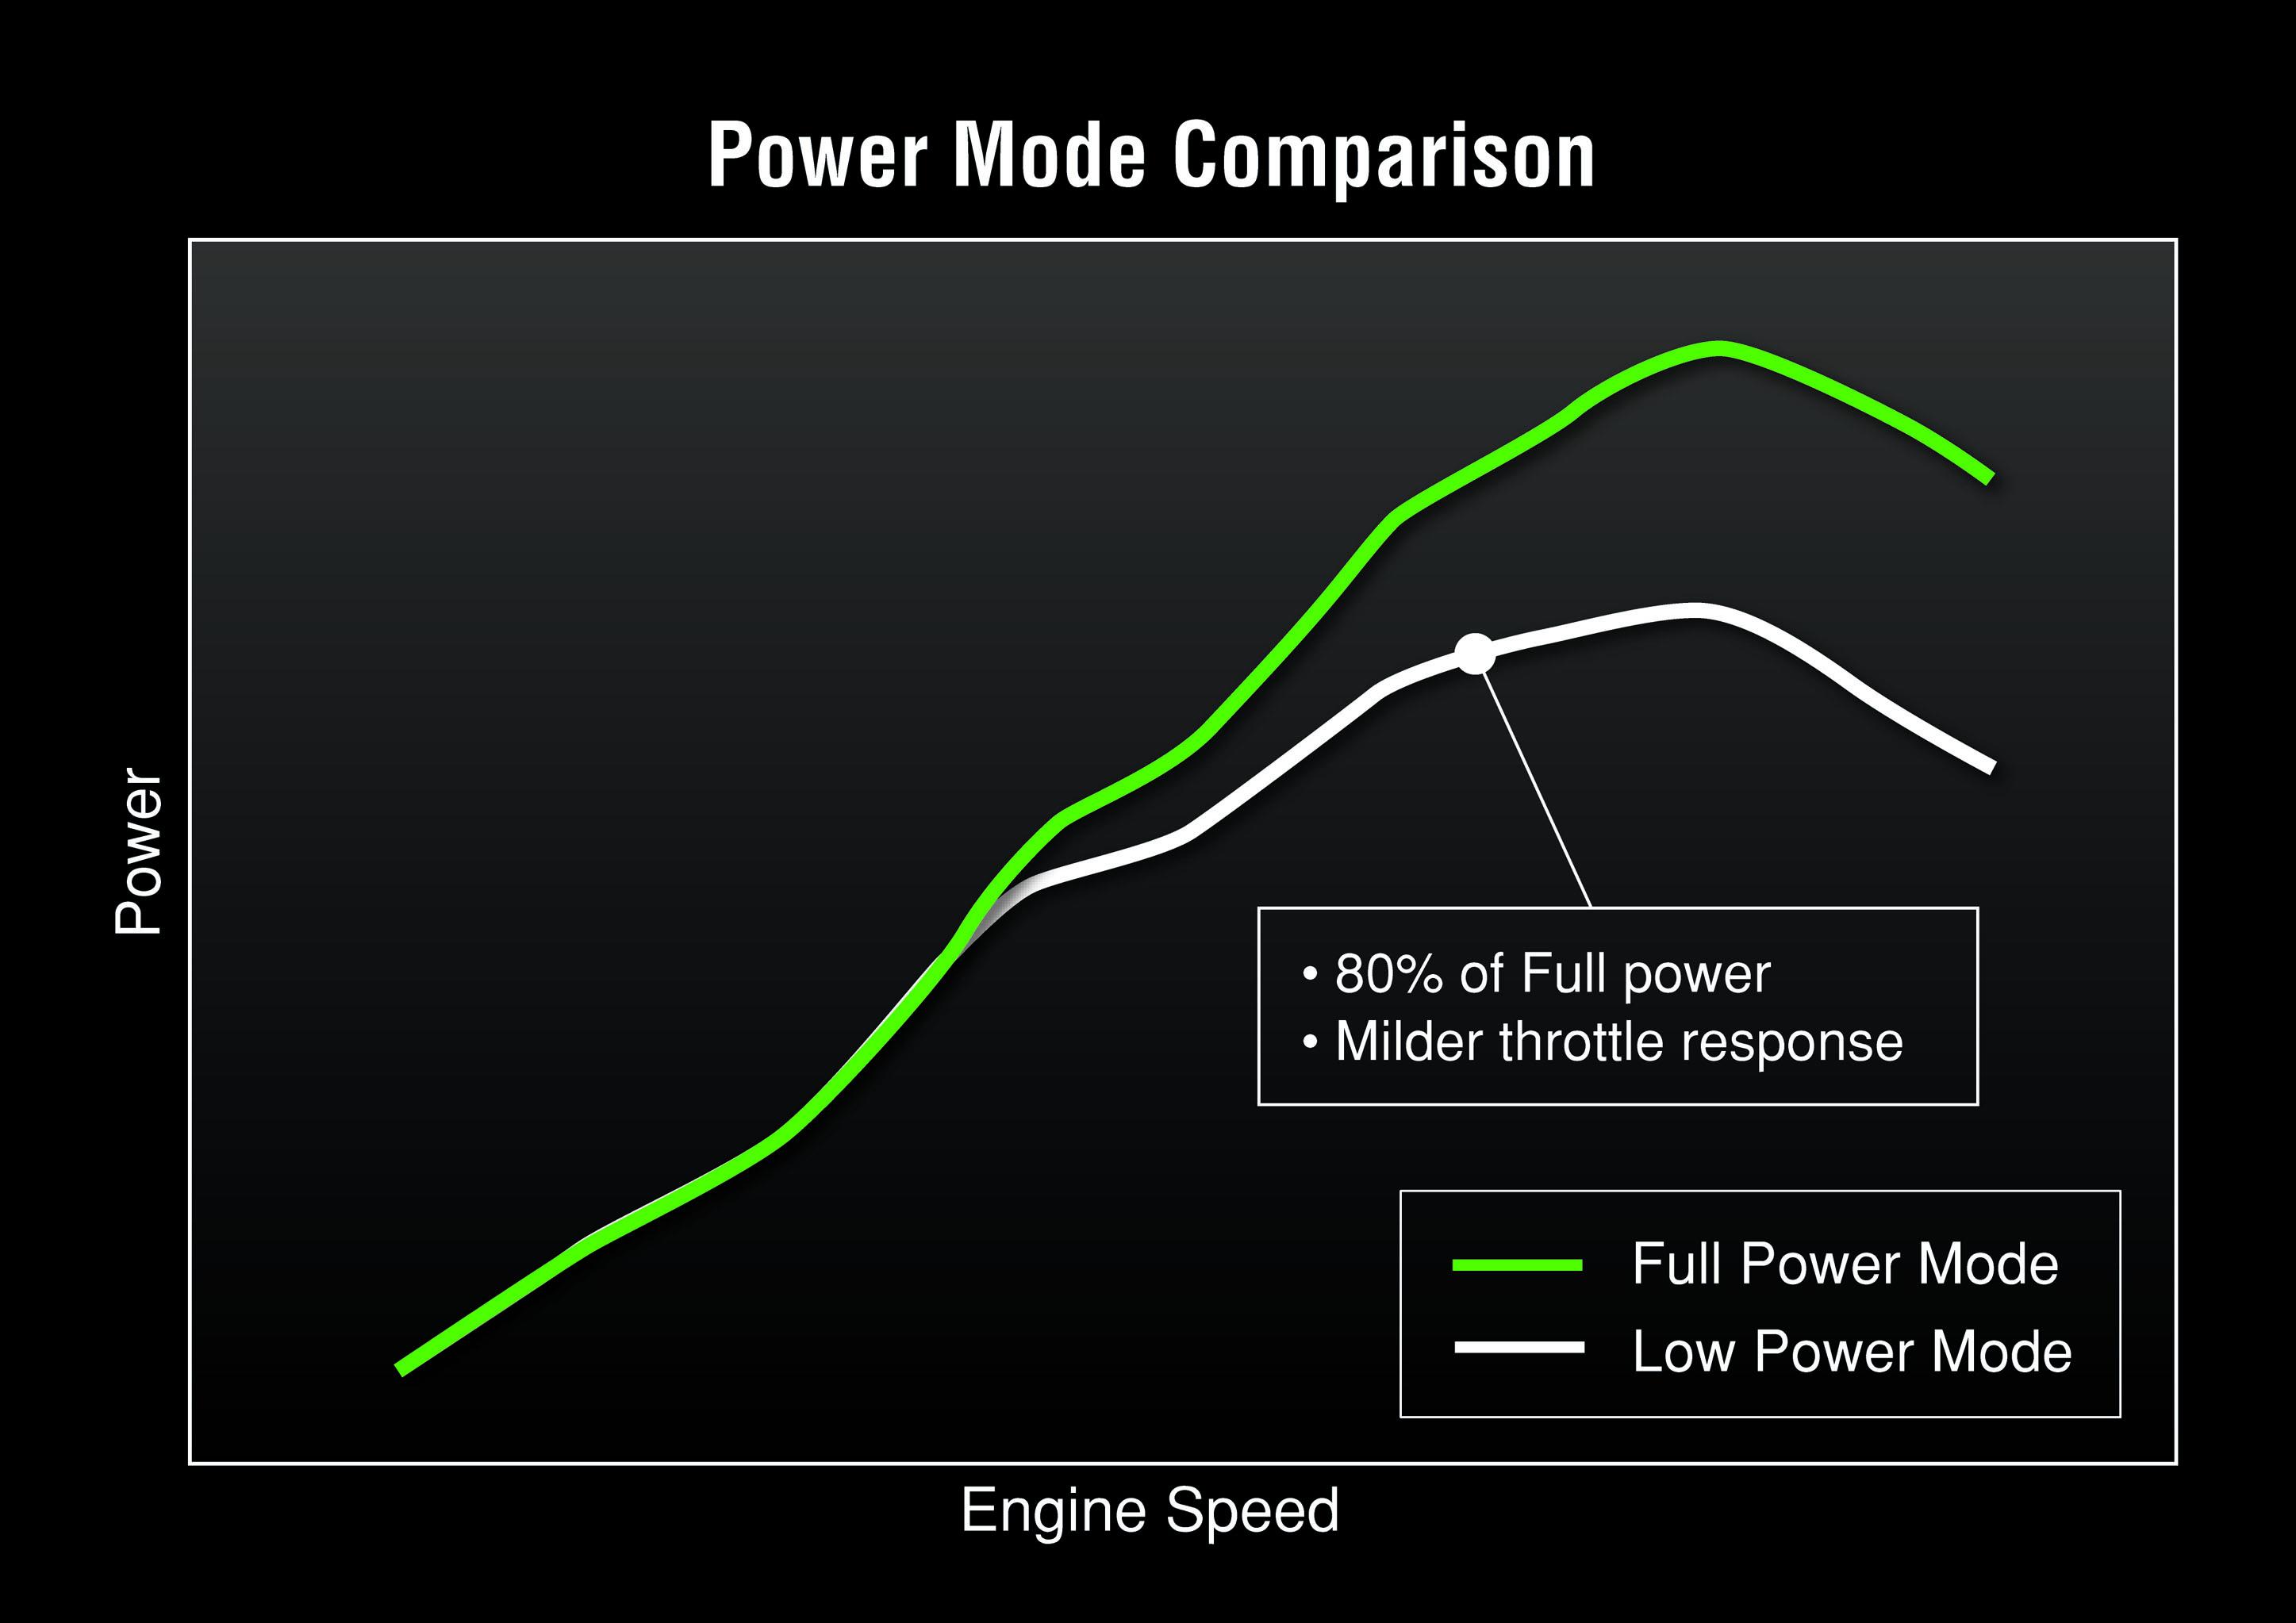 Power mode comparison power versus engine speed